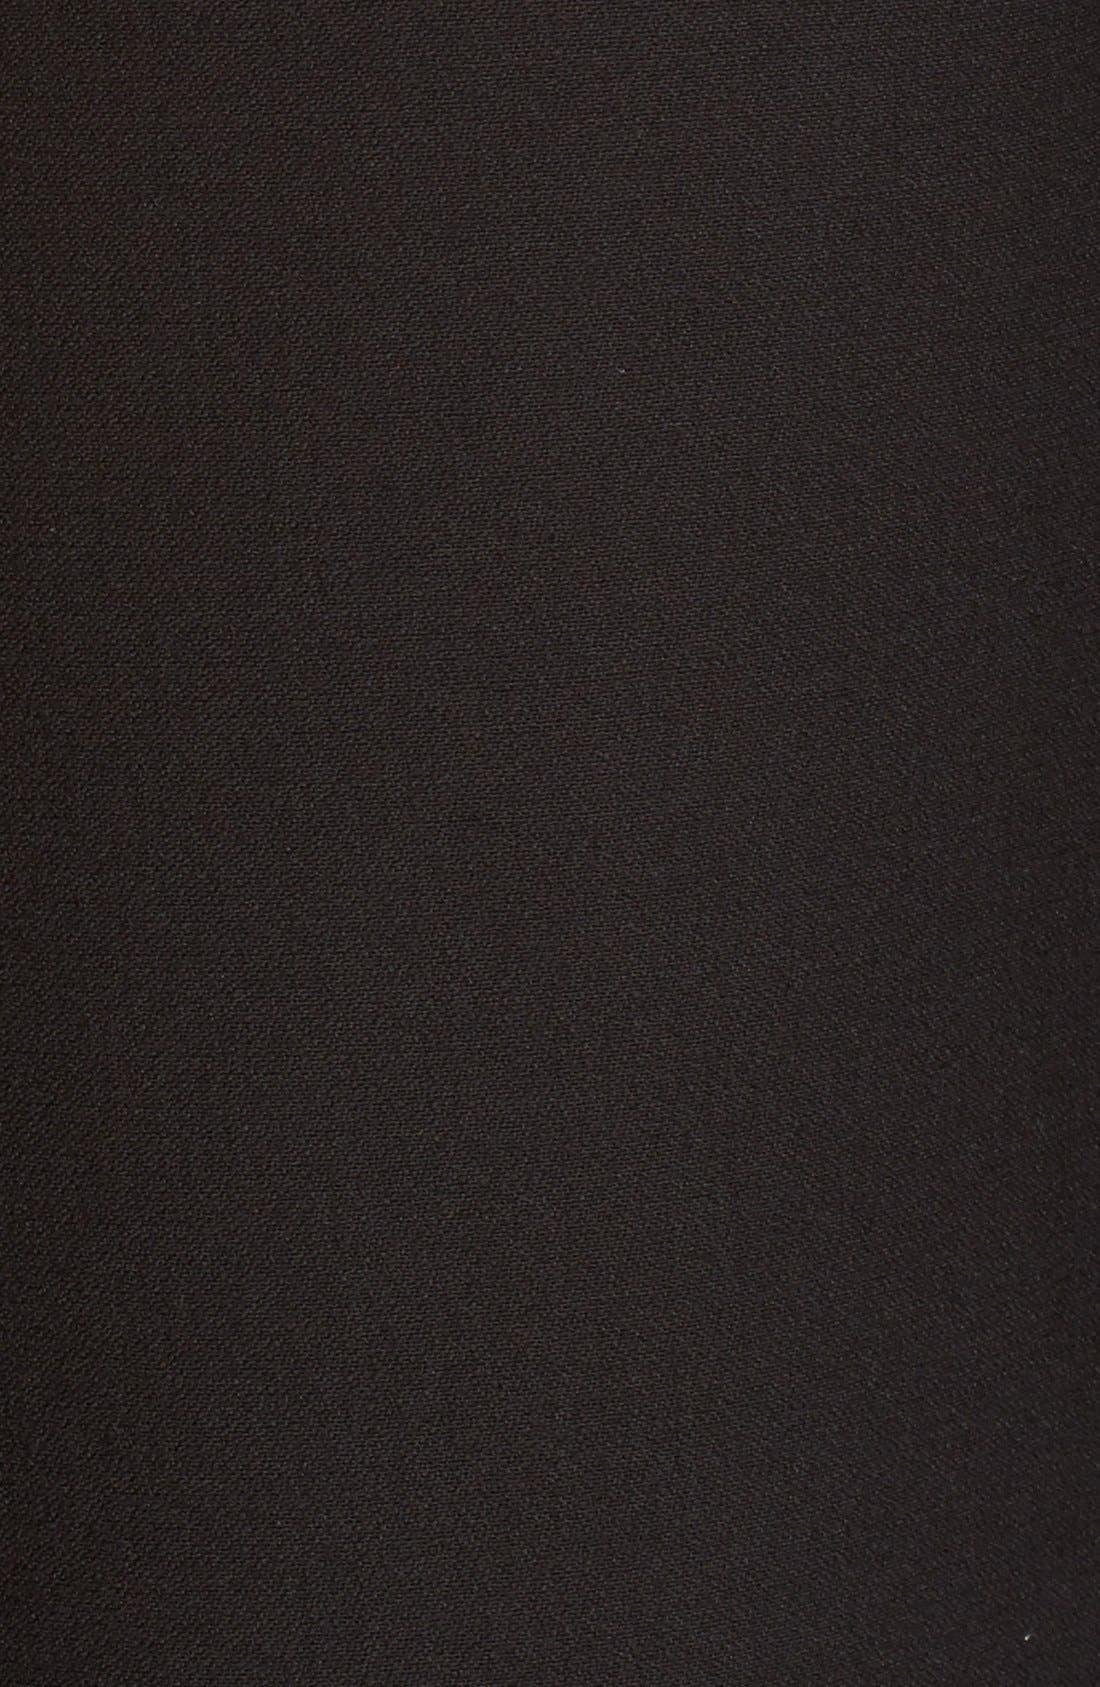 Alternate Image 3  - Armani Collezioni Double Crepe Caban Jacket